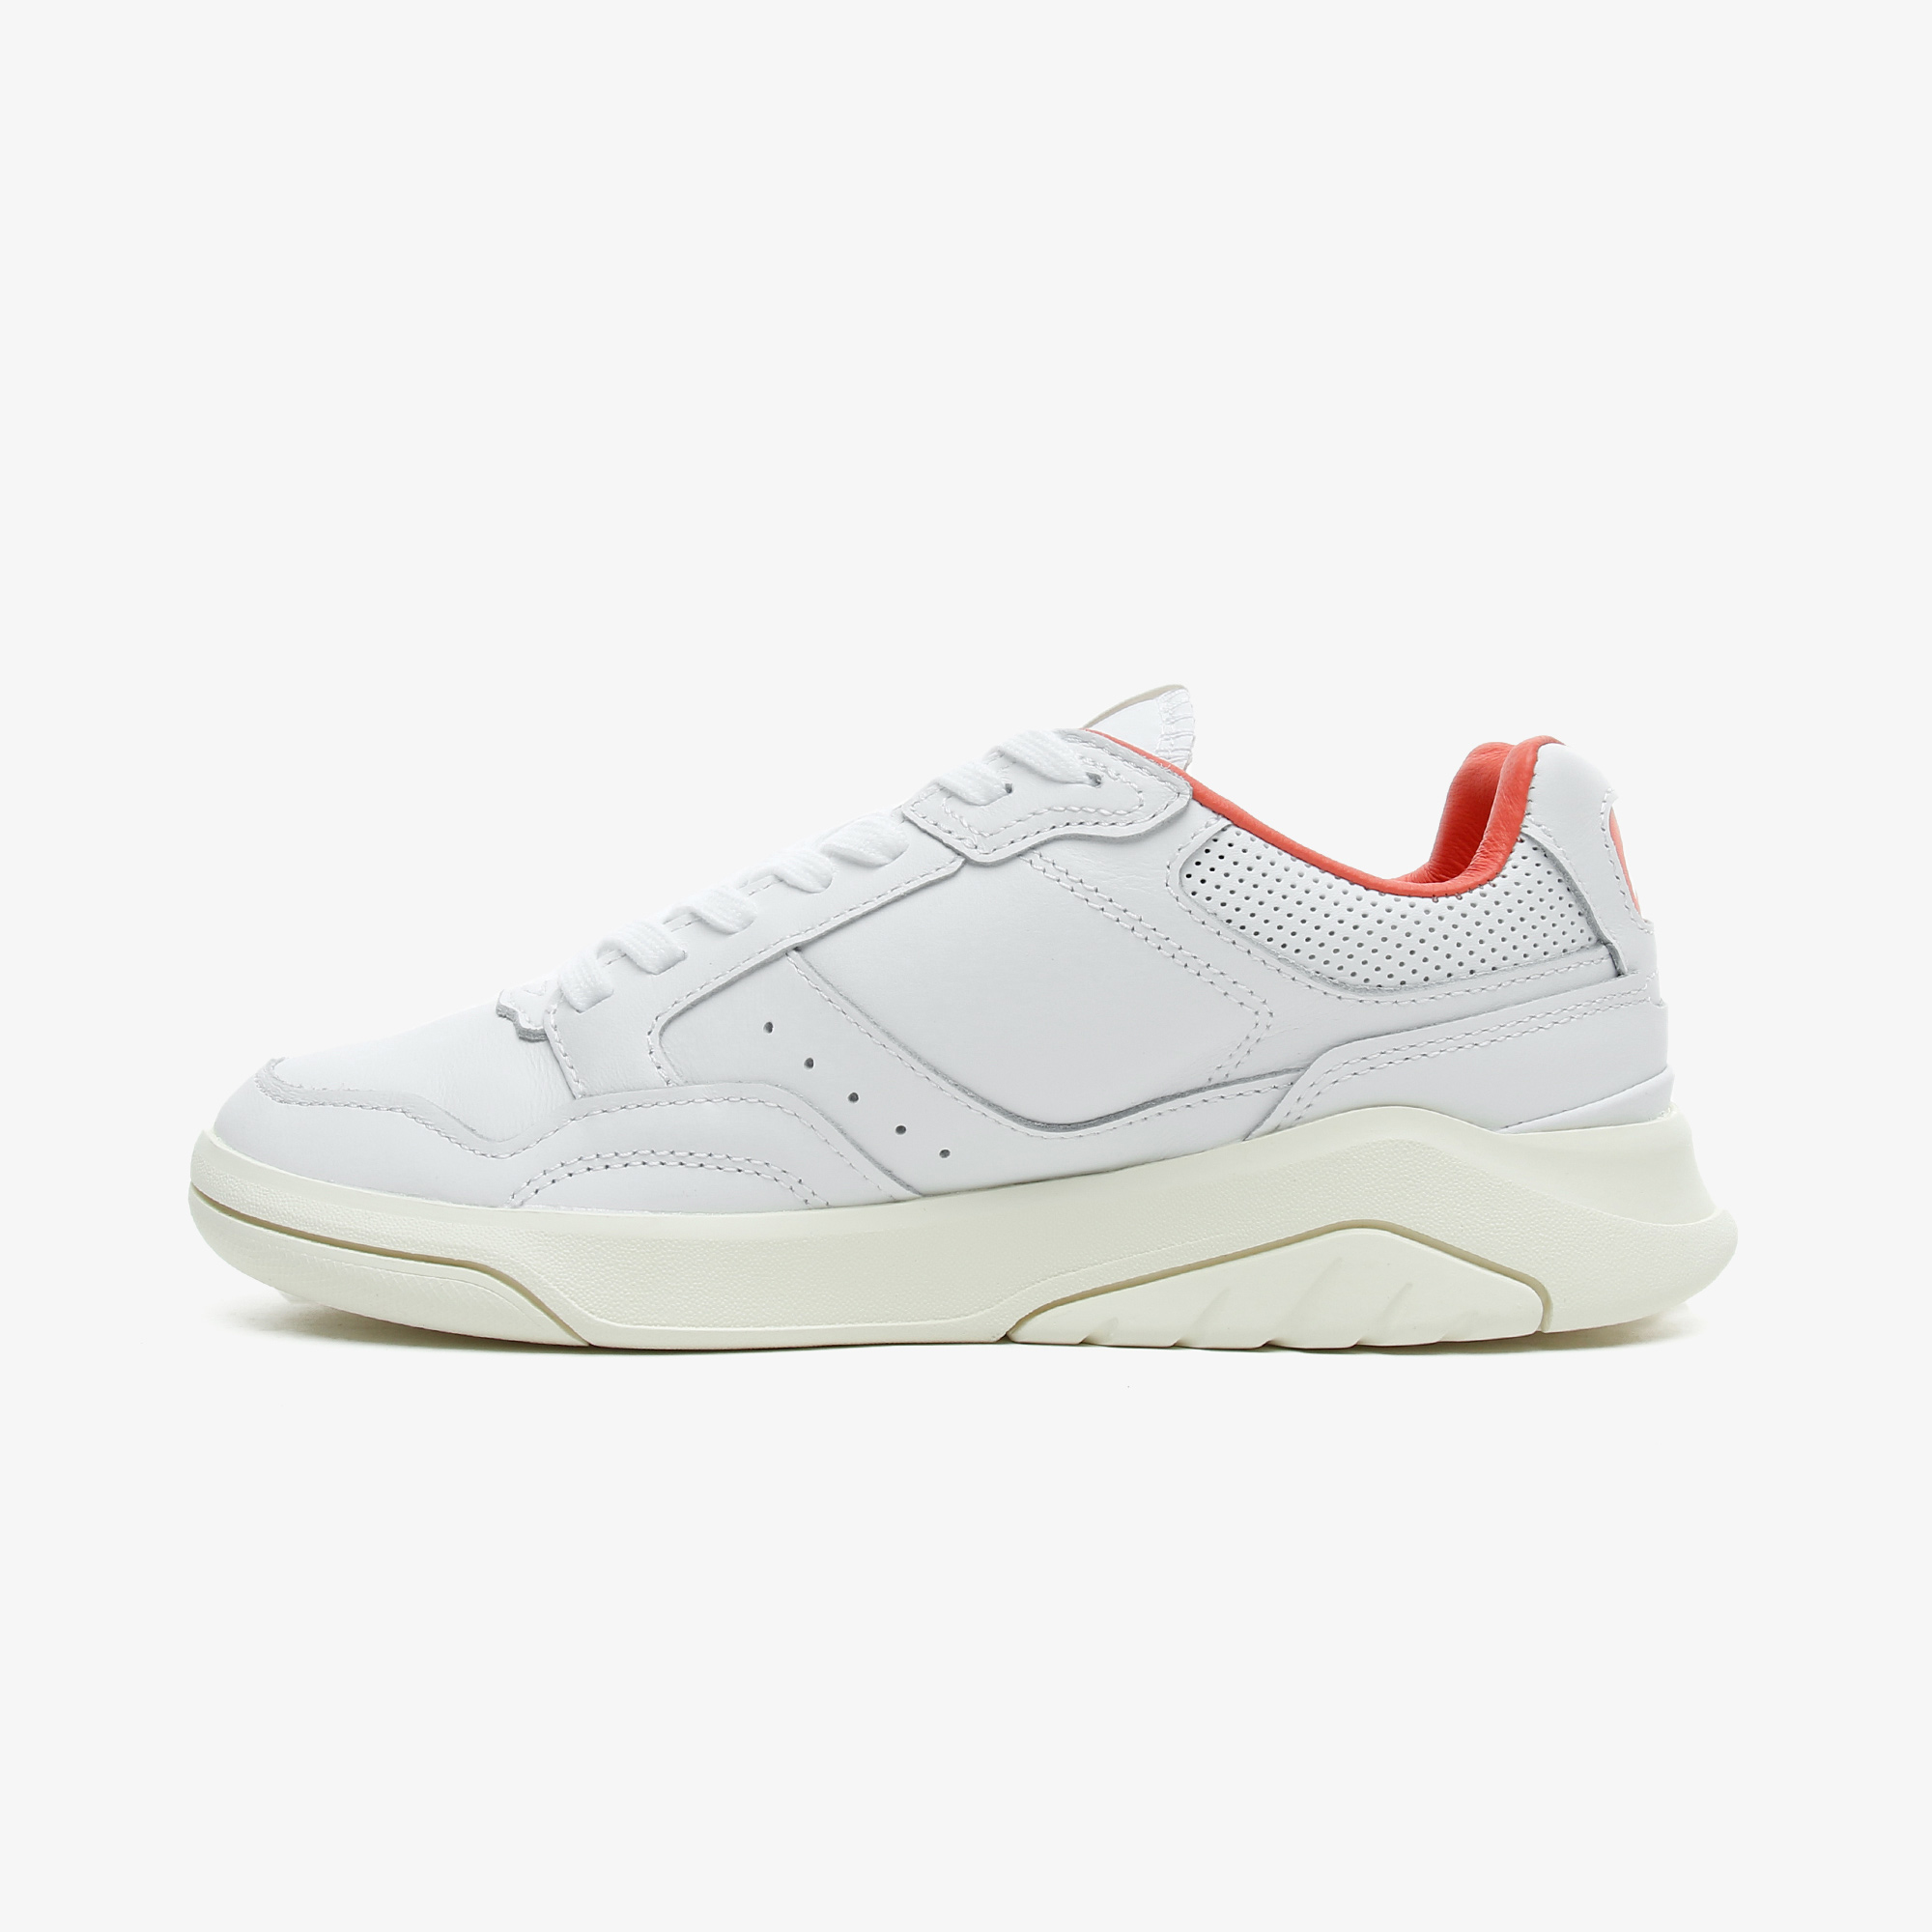 Lacoste Gameadvance Luxe 07212Sfa Kadın Beyaz - Pembe Spor Ayakkabı